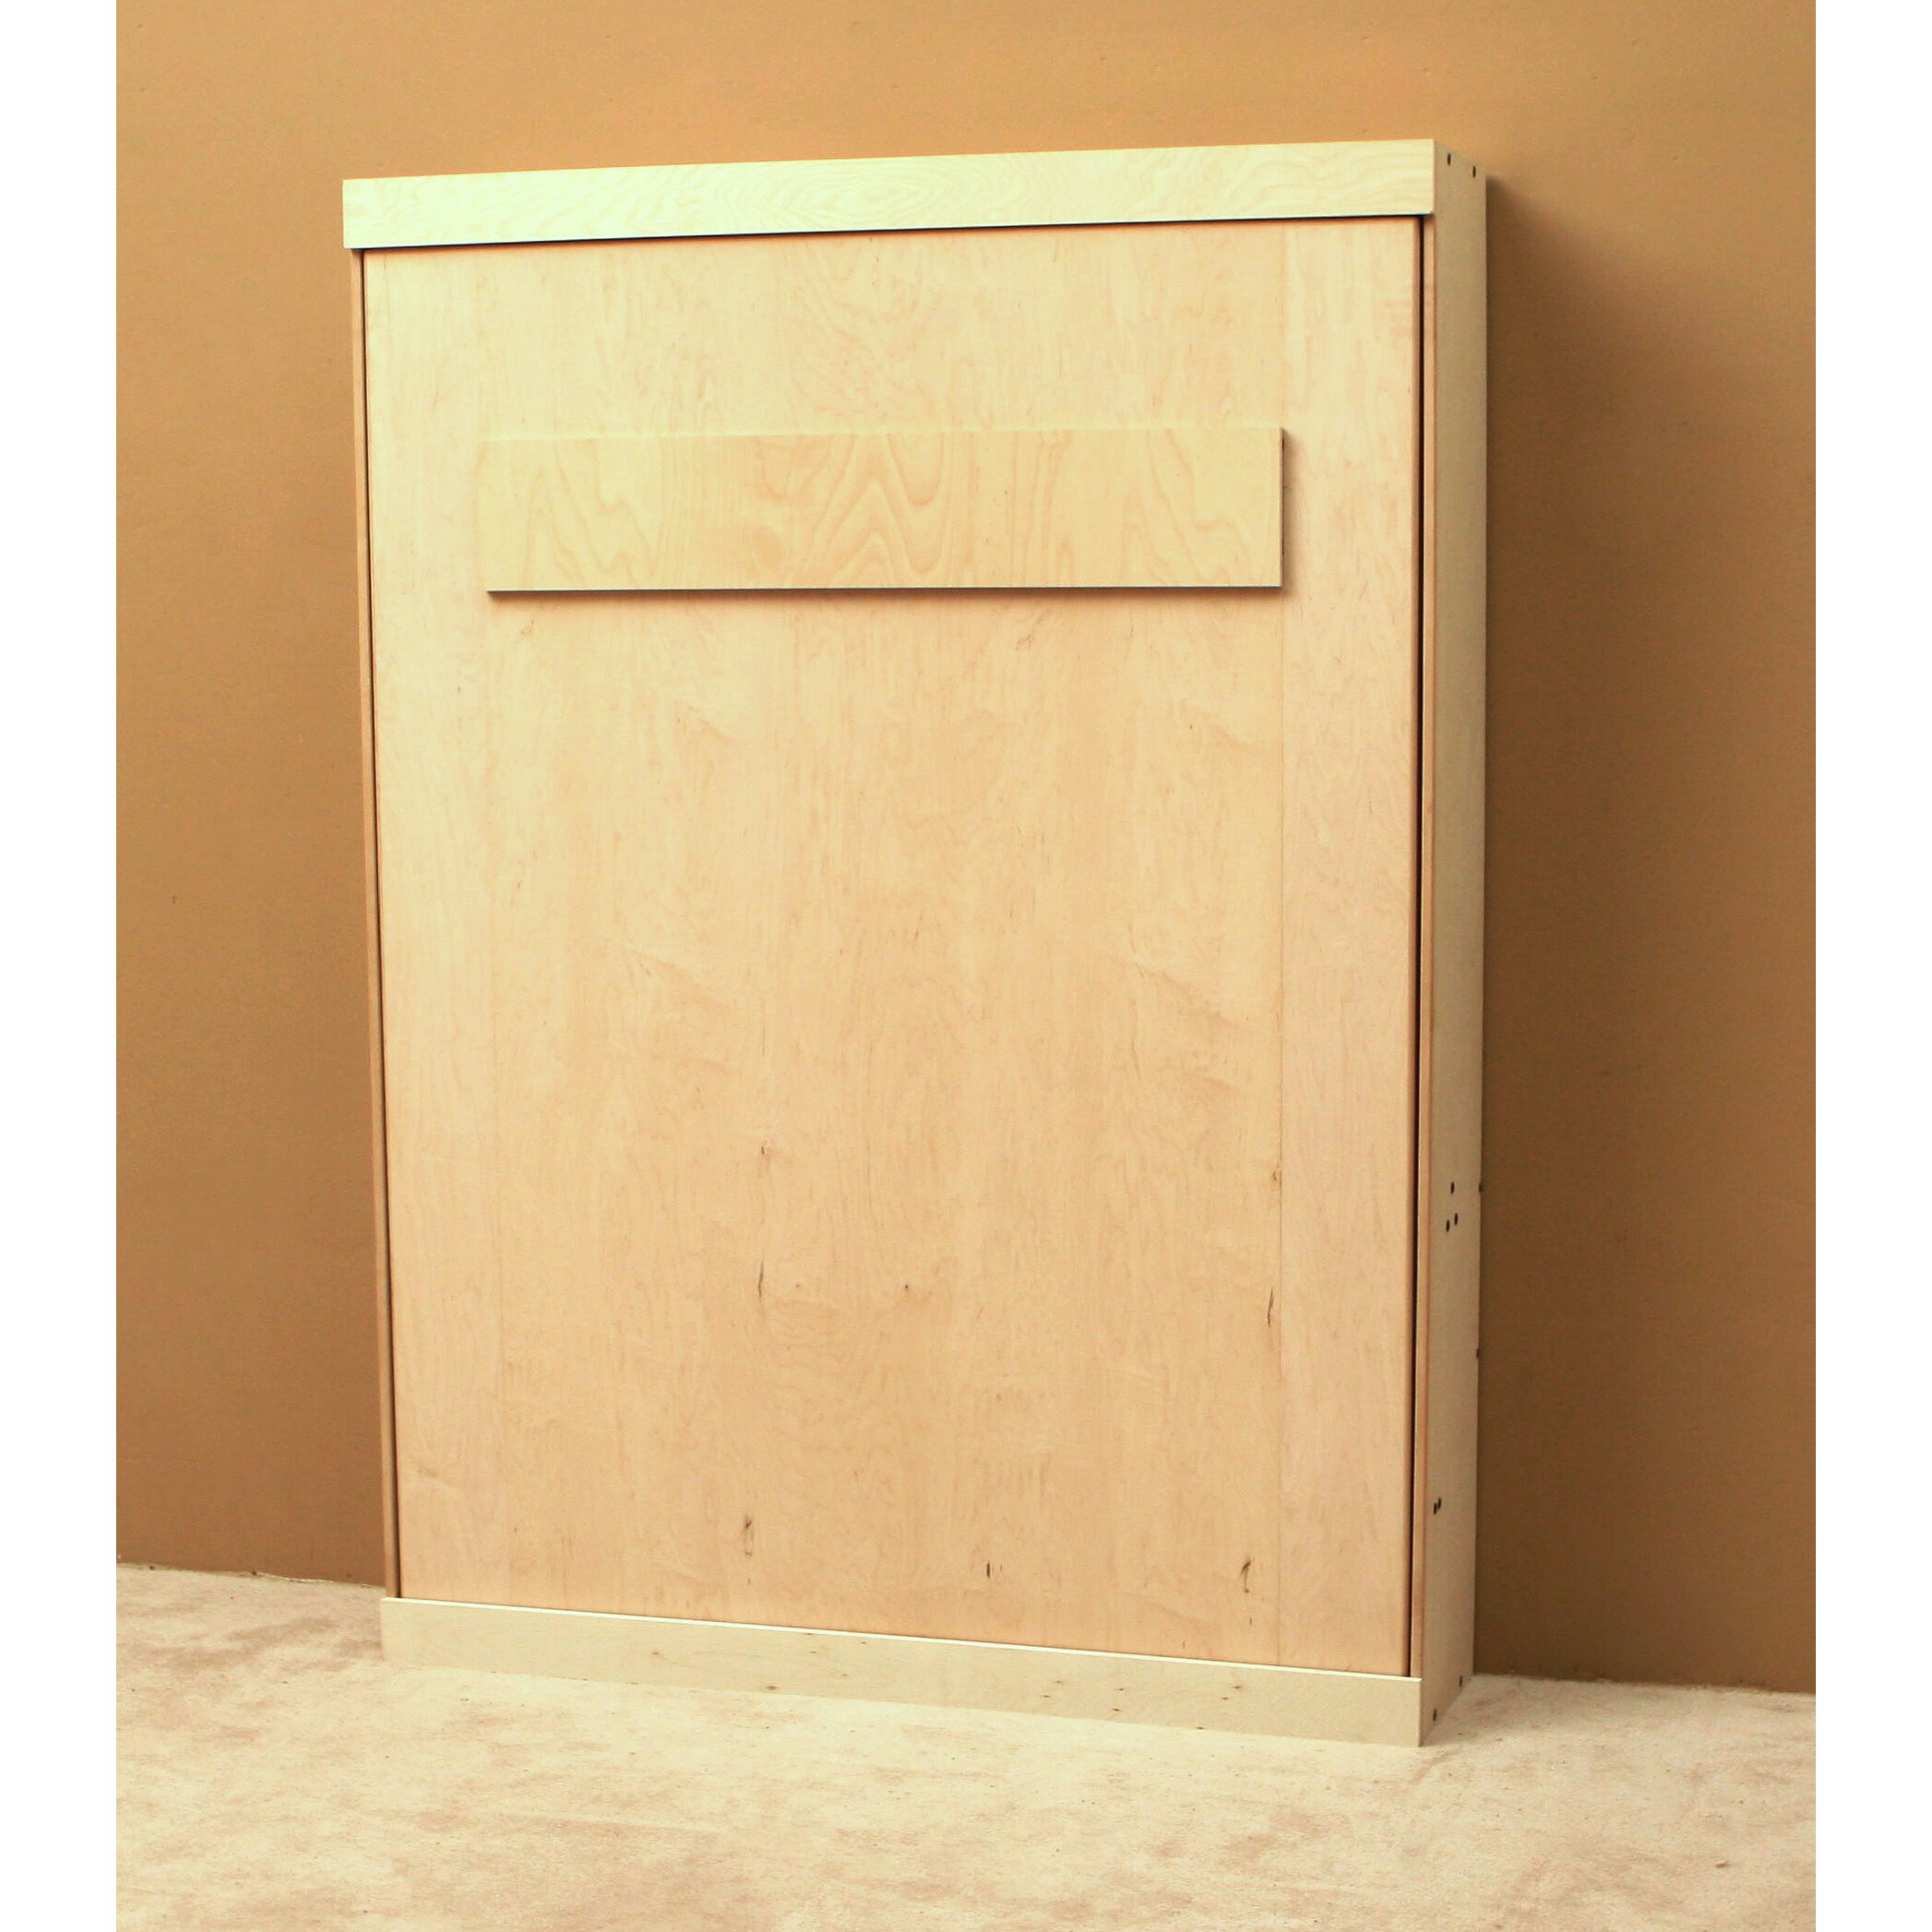 Wallbeds Paint Grade Murphy Bed & Reviews  Wayfair